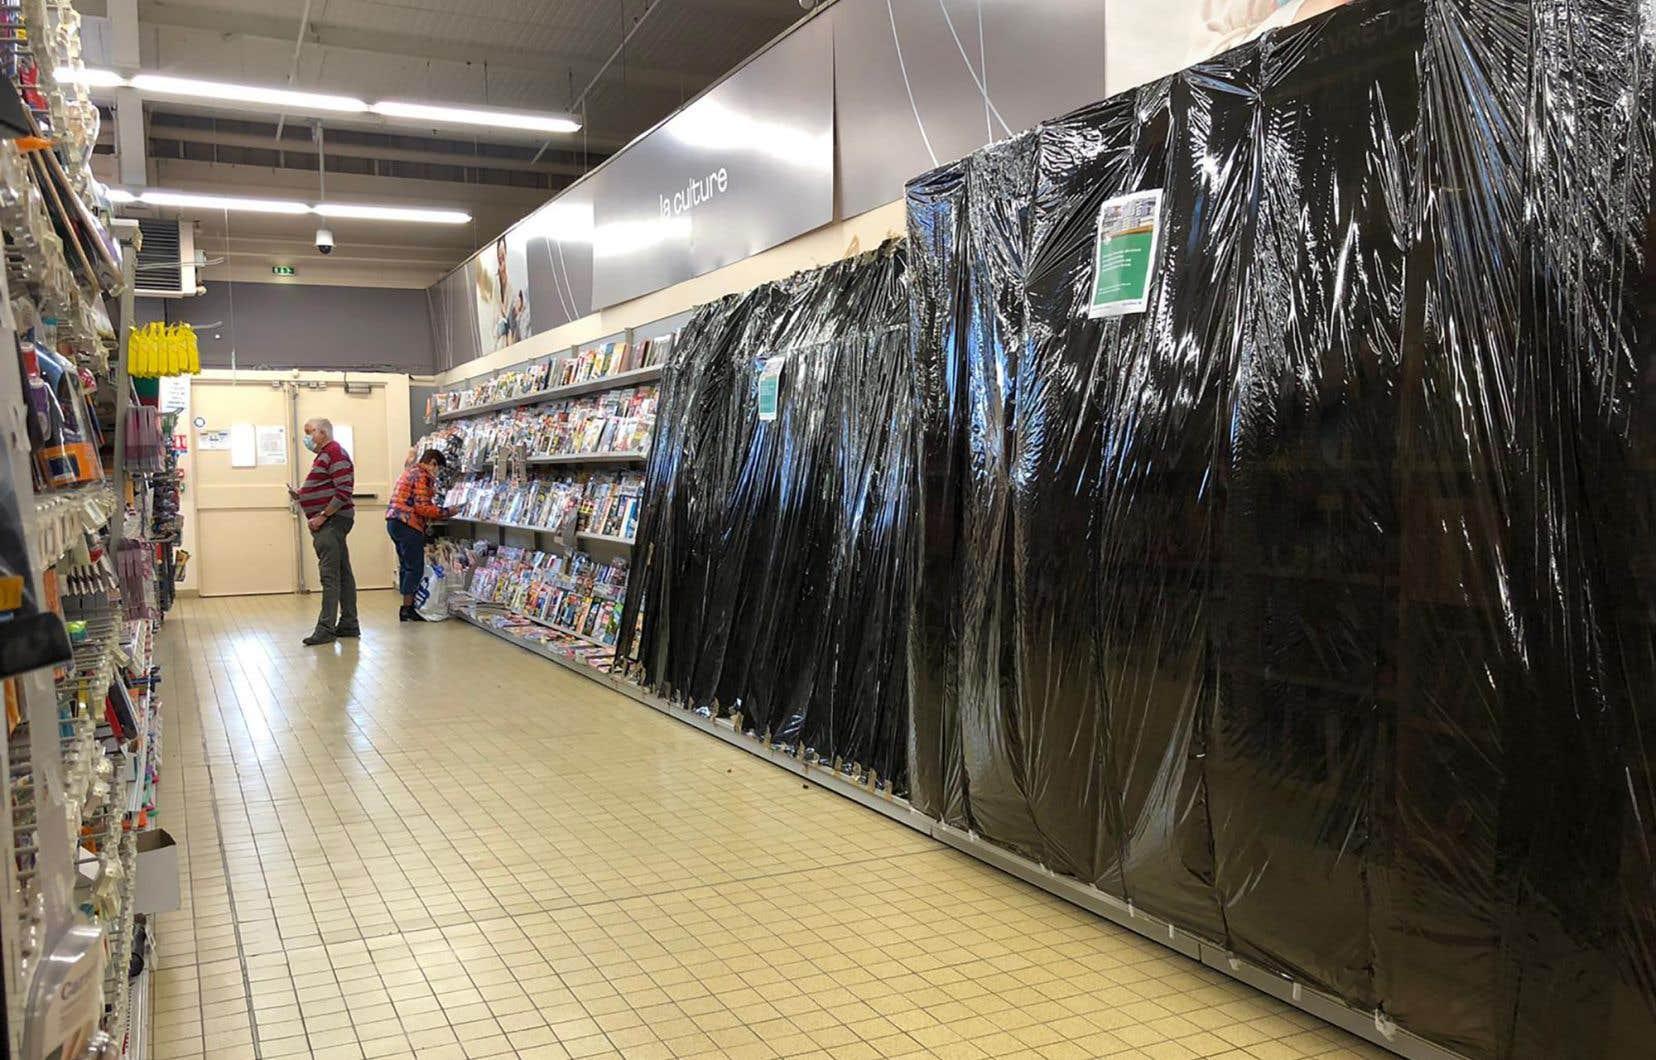 L'interdiction de vendre des poroduits «non essentiels» a été un véritable casse-tête pour les grands magasins, en France, qui ont dû mettre une partie de leurs employés au chômage technique. Il a fallu déplacer des rayons entiers en quelques jours, bloquer l'accès aux sections interdites. Parfois, il n'y avait que 15 centimètres entre les produits autorisés à la vente et ceux qui étaient interdits.